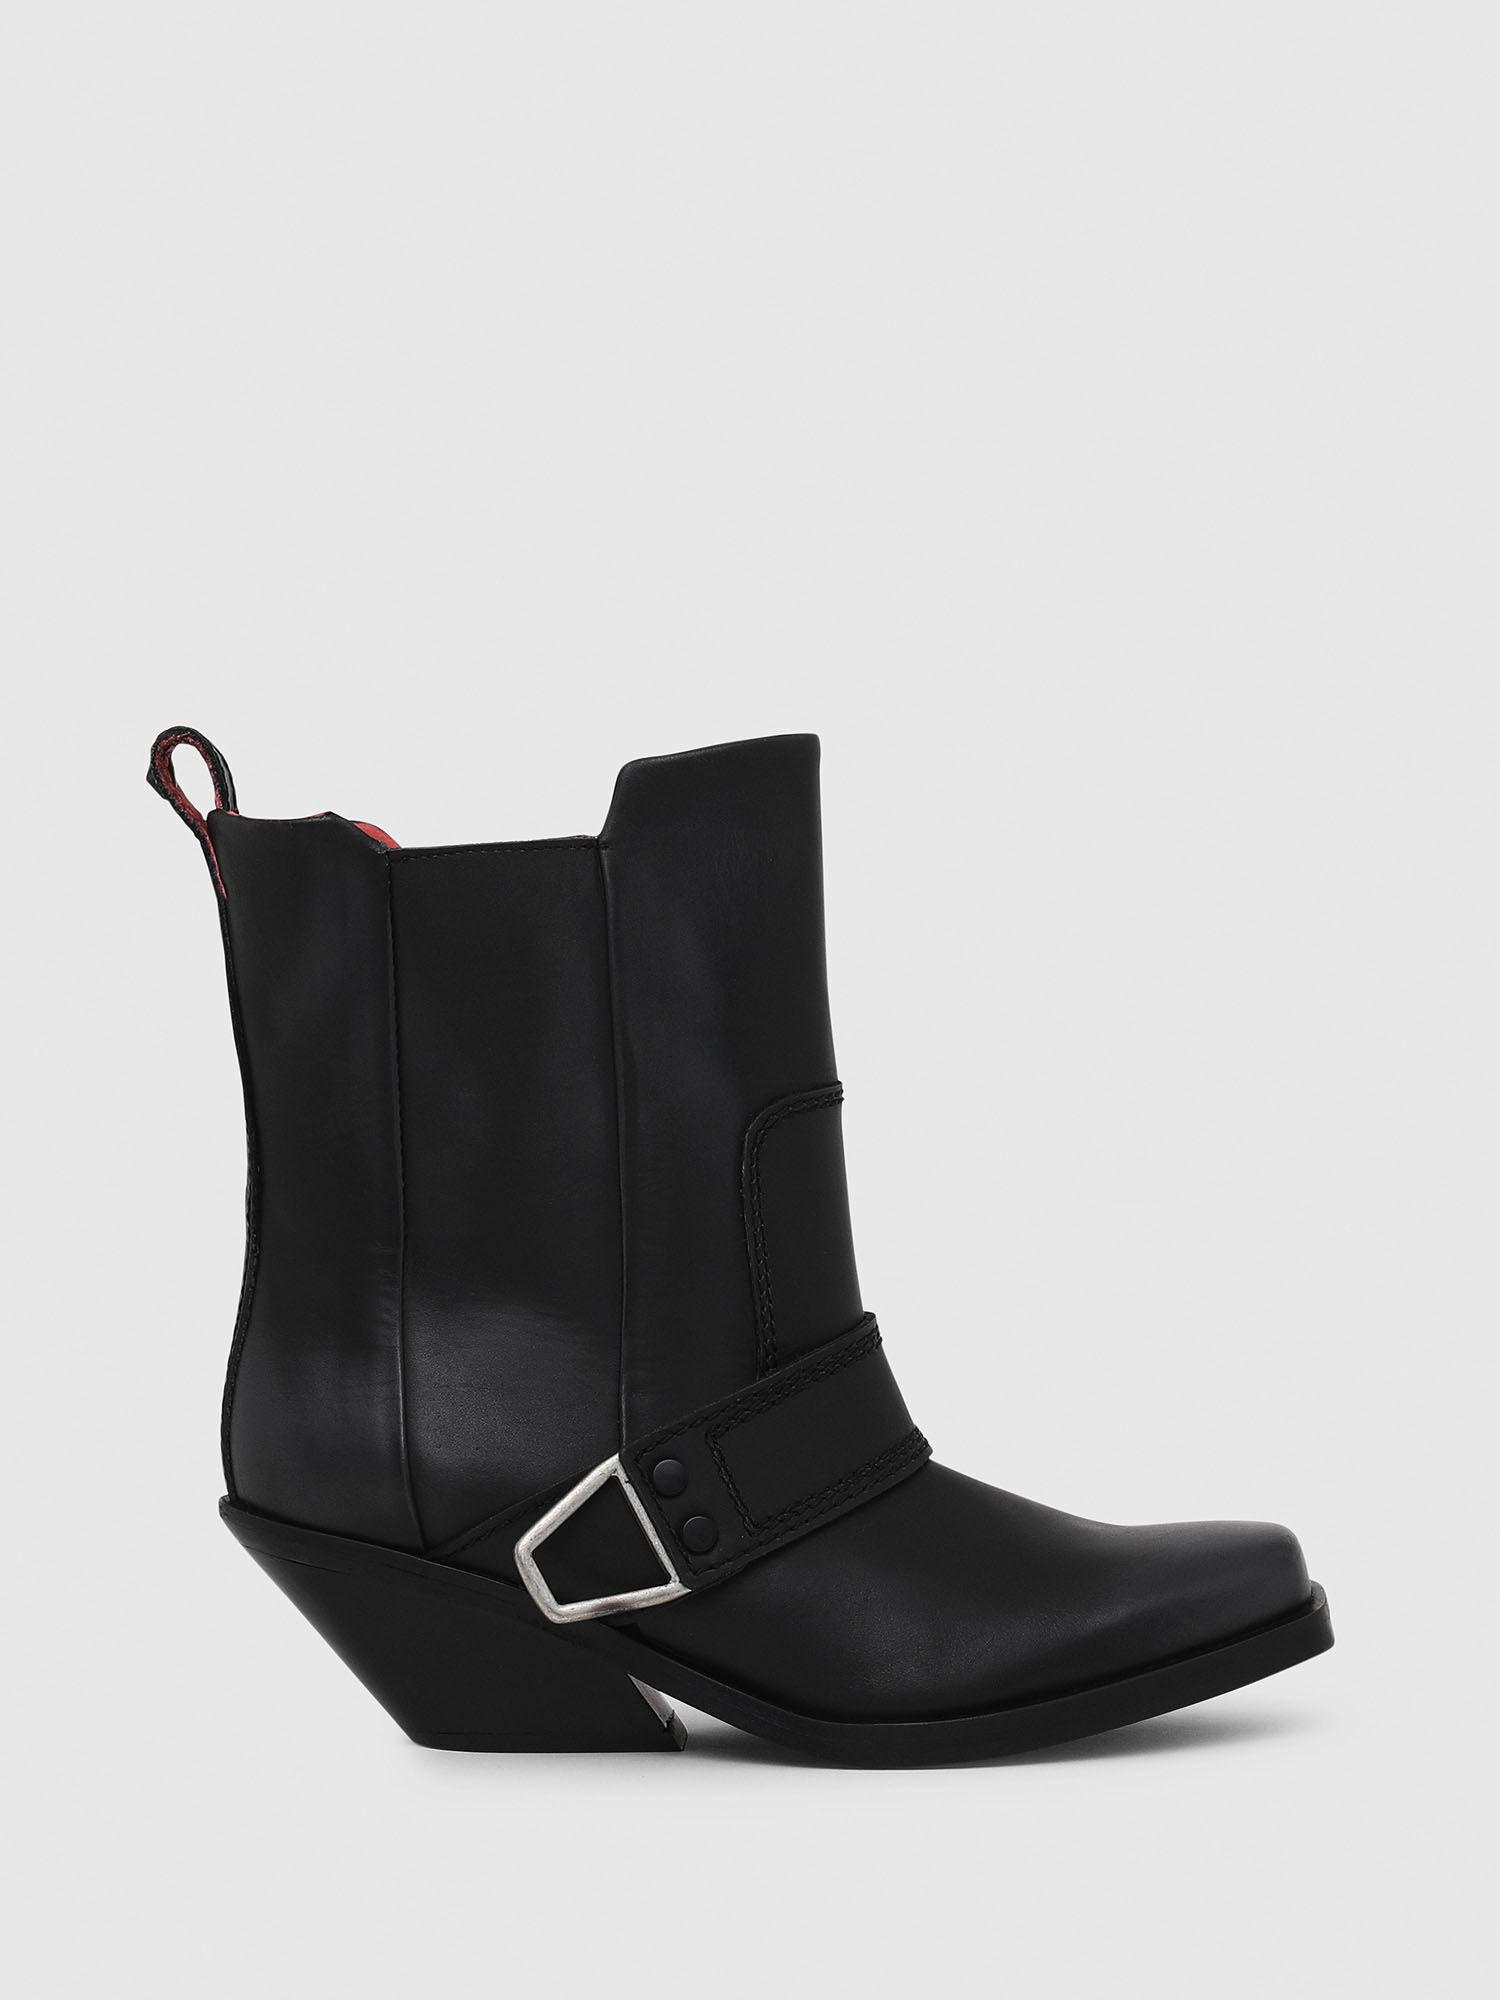 139989751f7 Clar Bajos 2017 Bajos Mujer Zapatos 2017 Clar Zapatos Mujer Hvw4apq7n